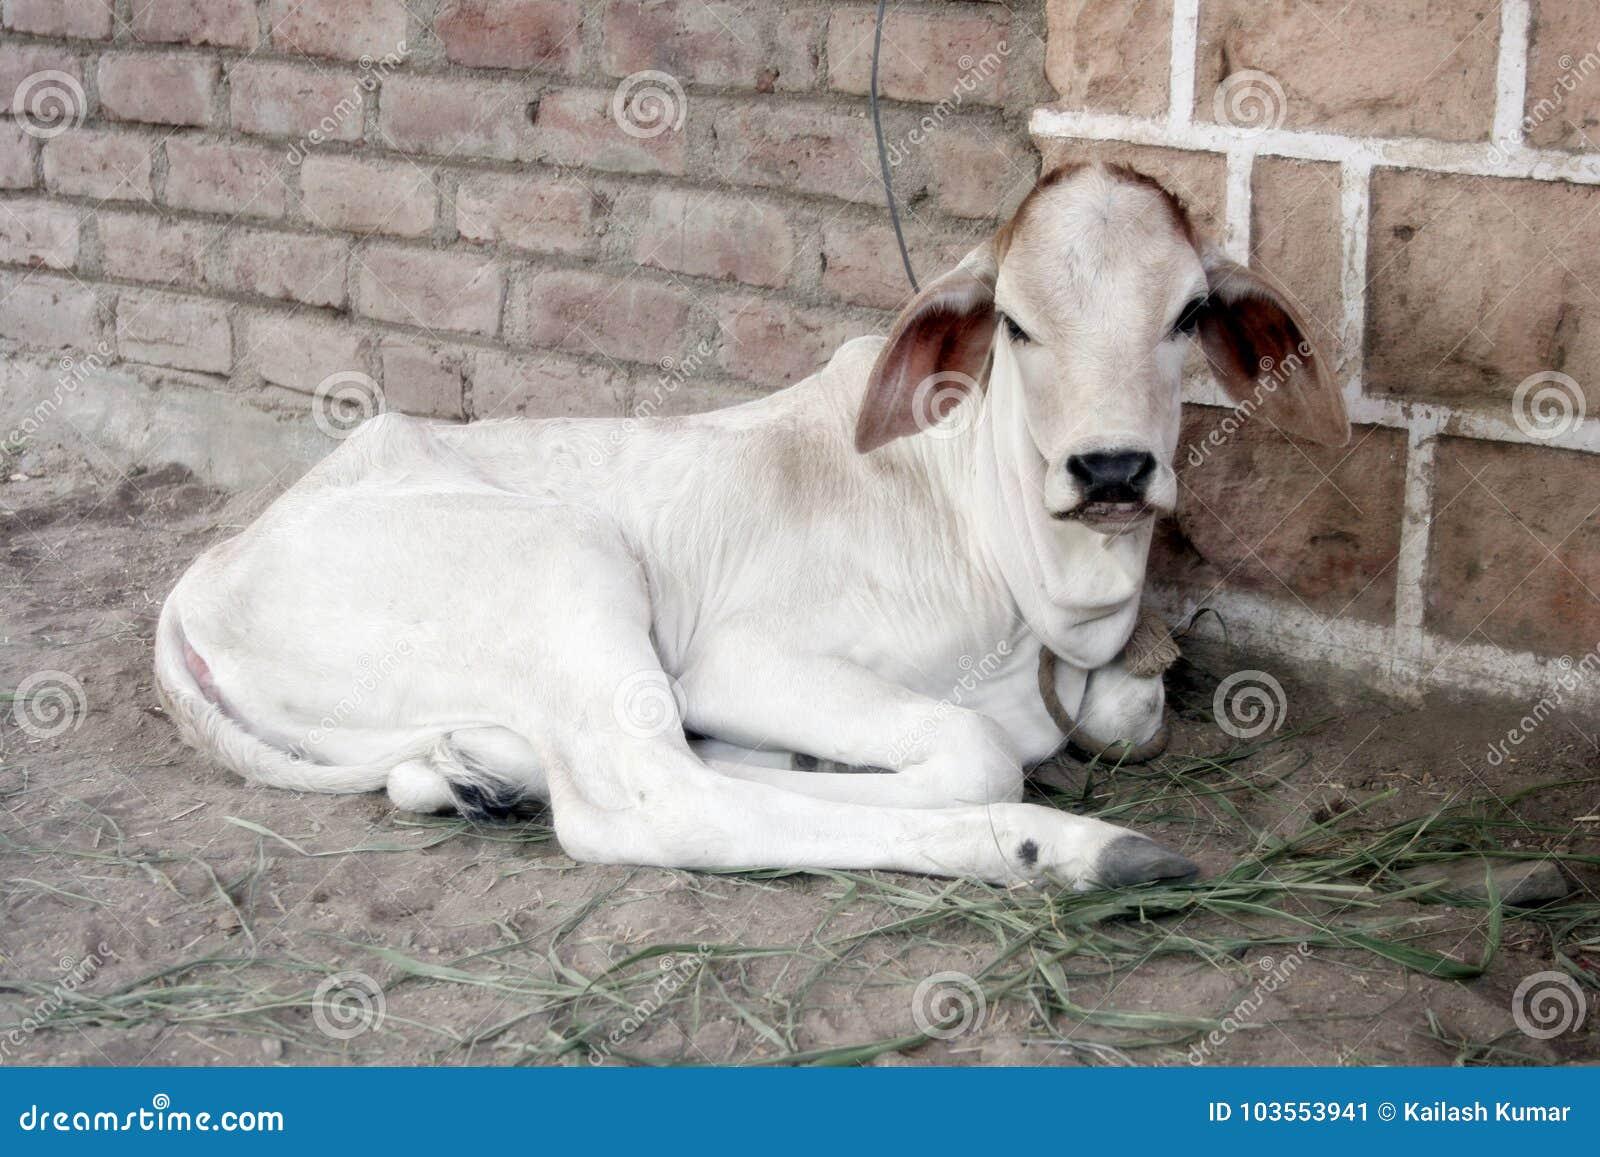 Krowa trochę